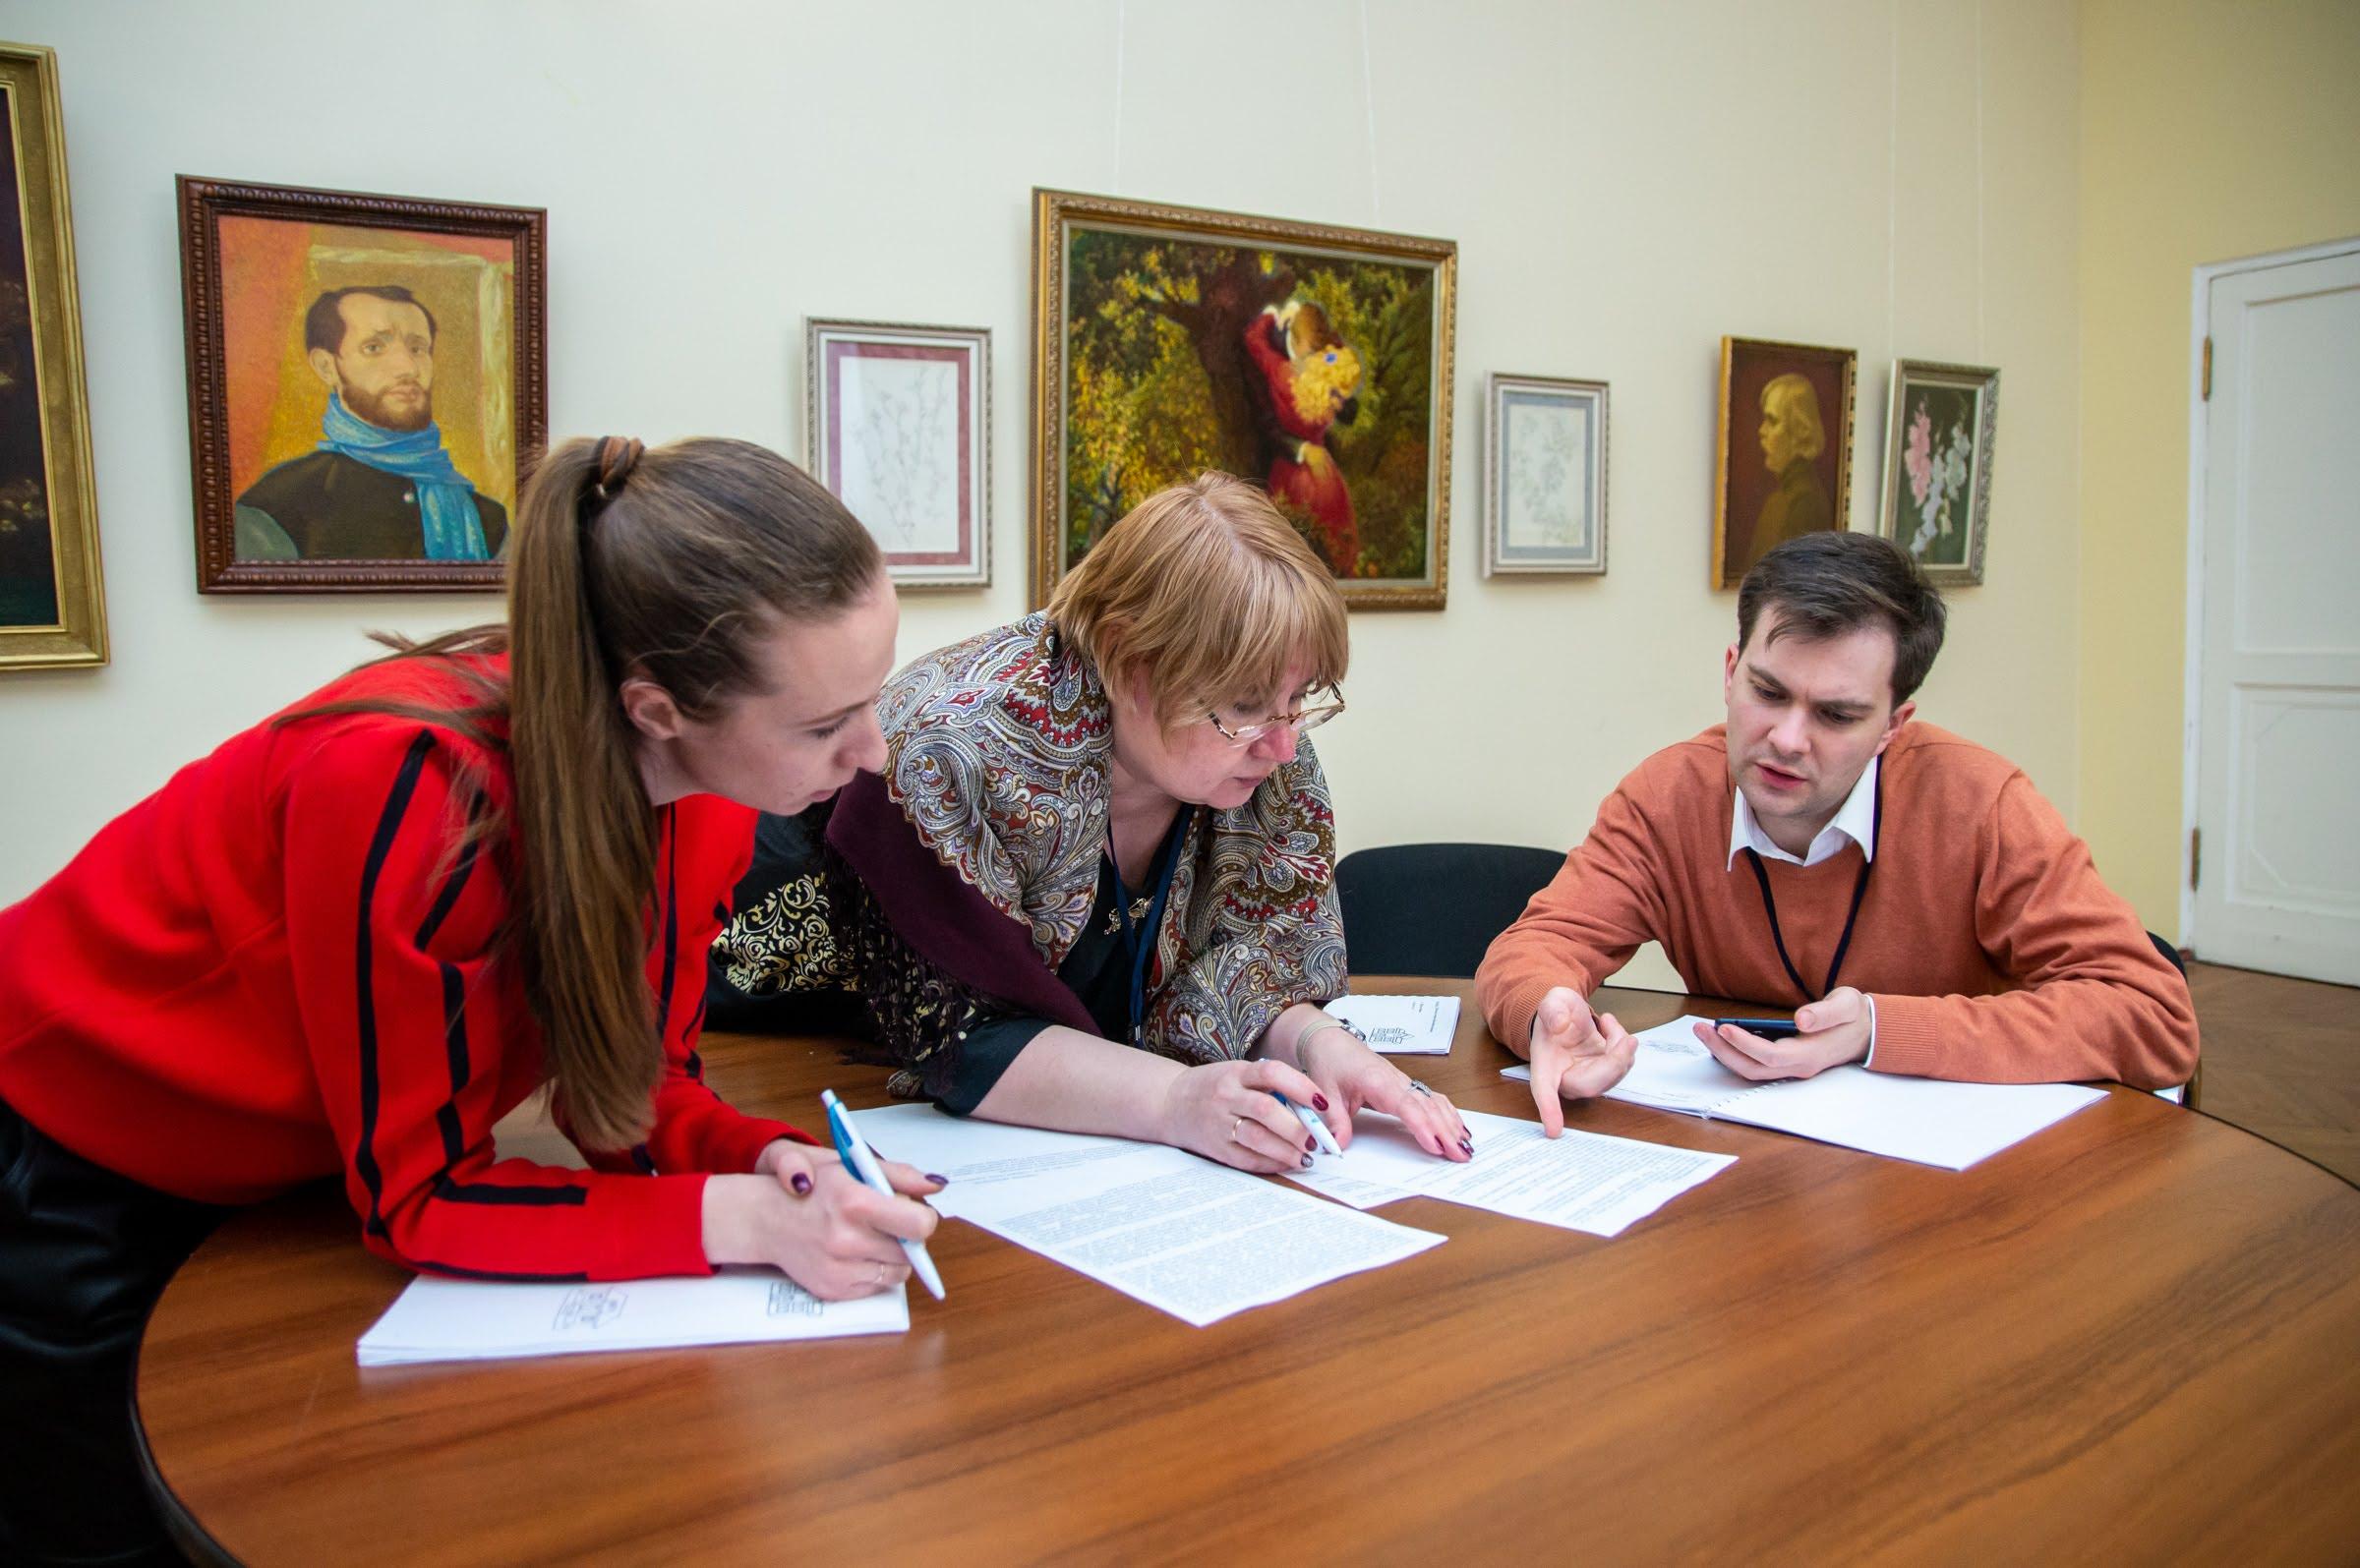 Kоманда СУНЦ УрФУ, прошедшая обучение по корпоративной программе Кочубей-центра.